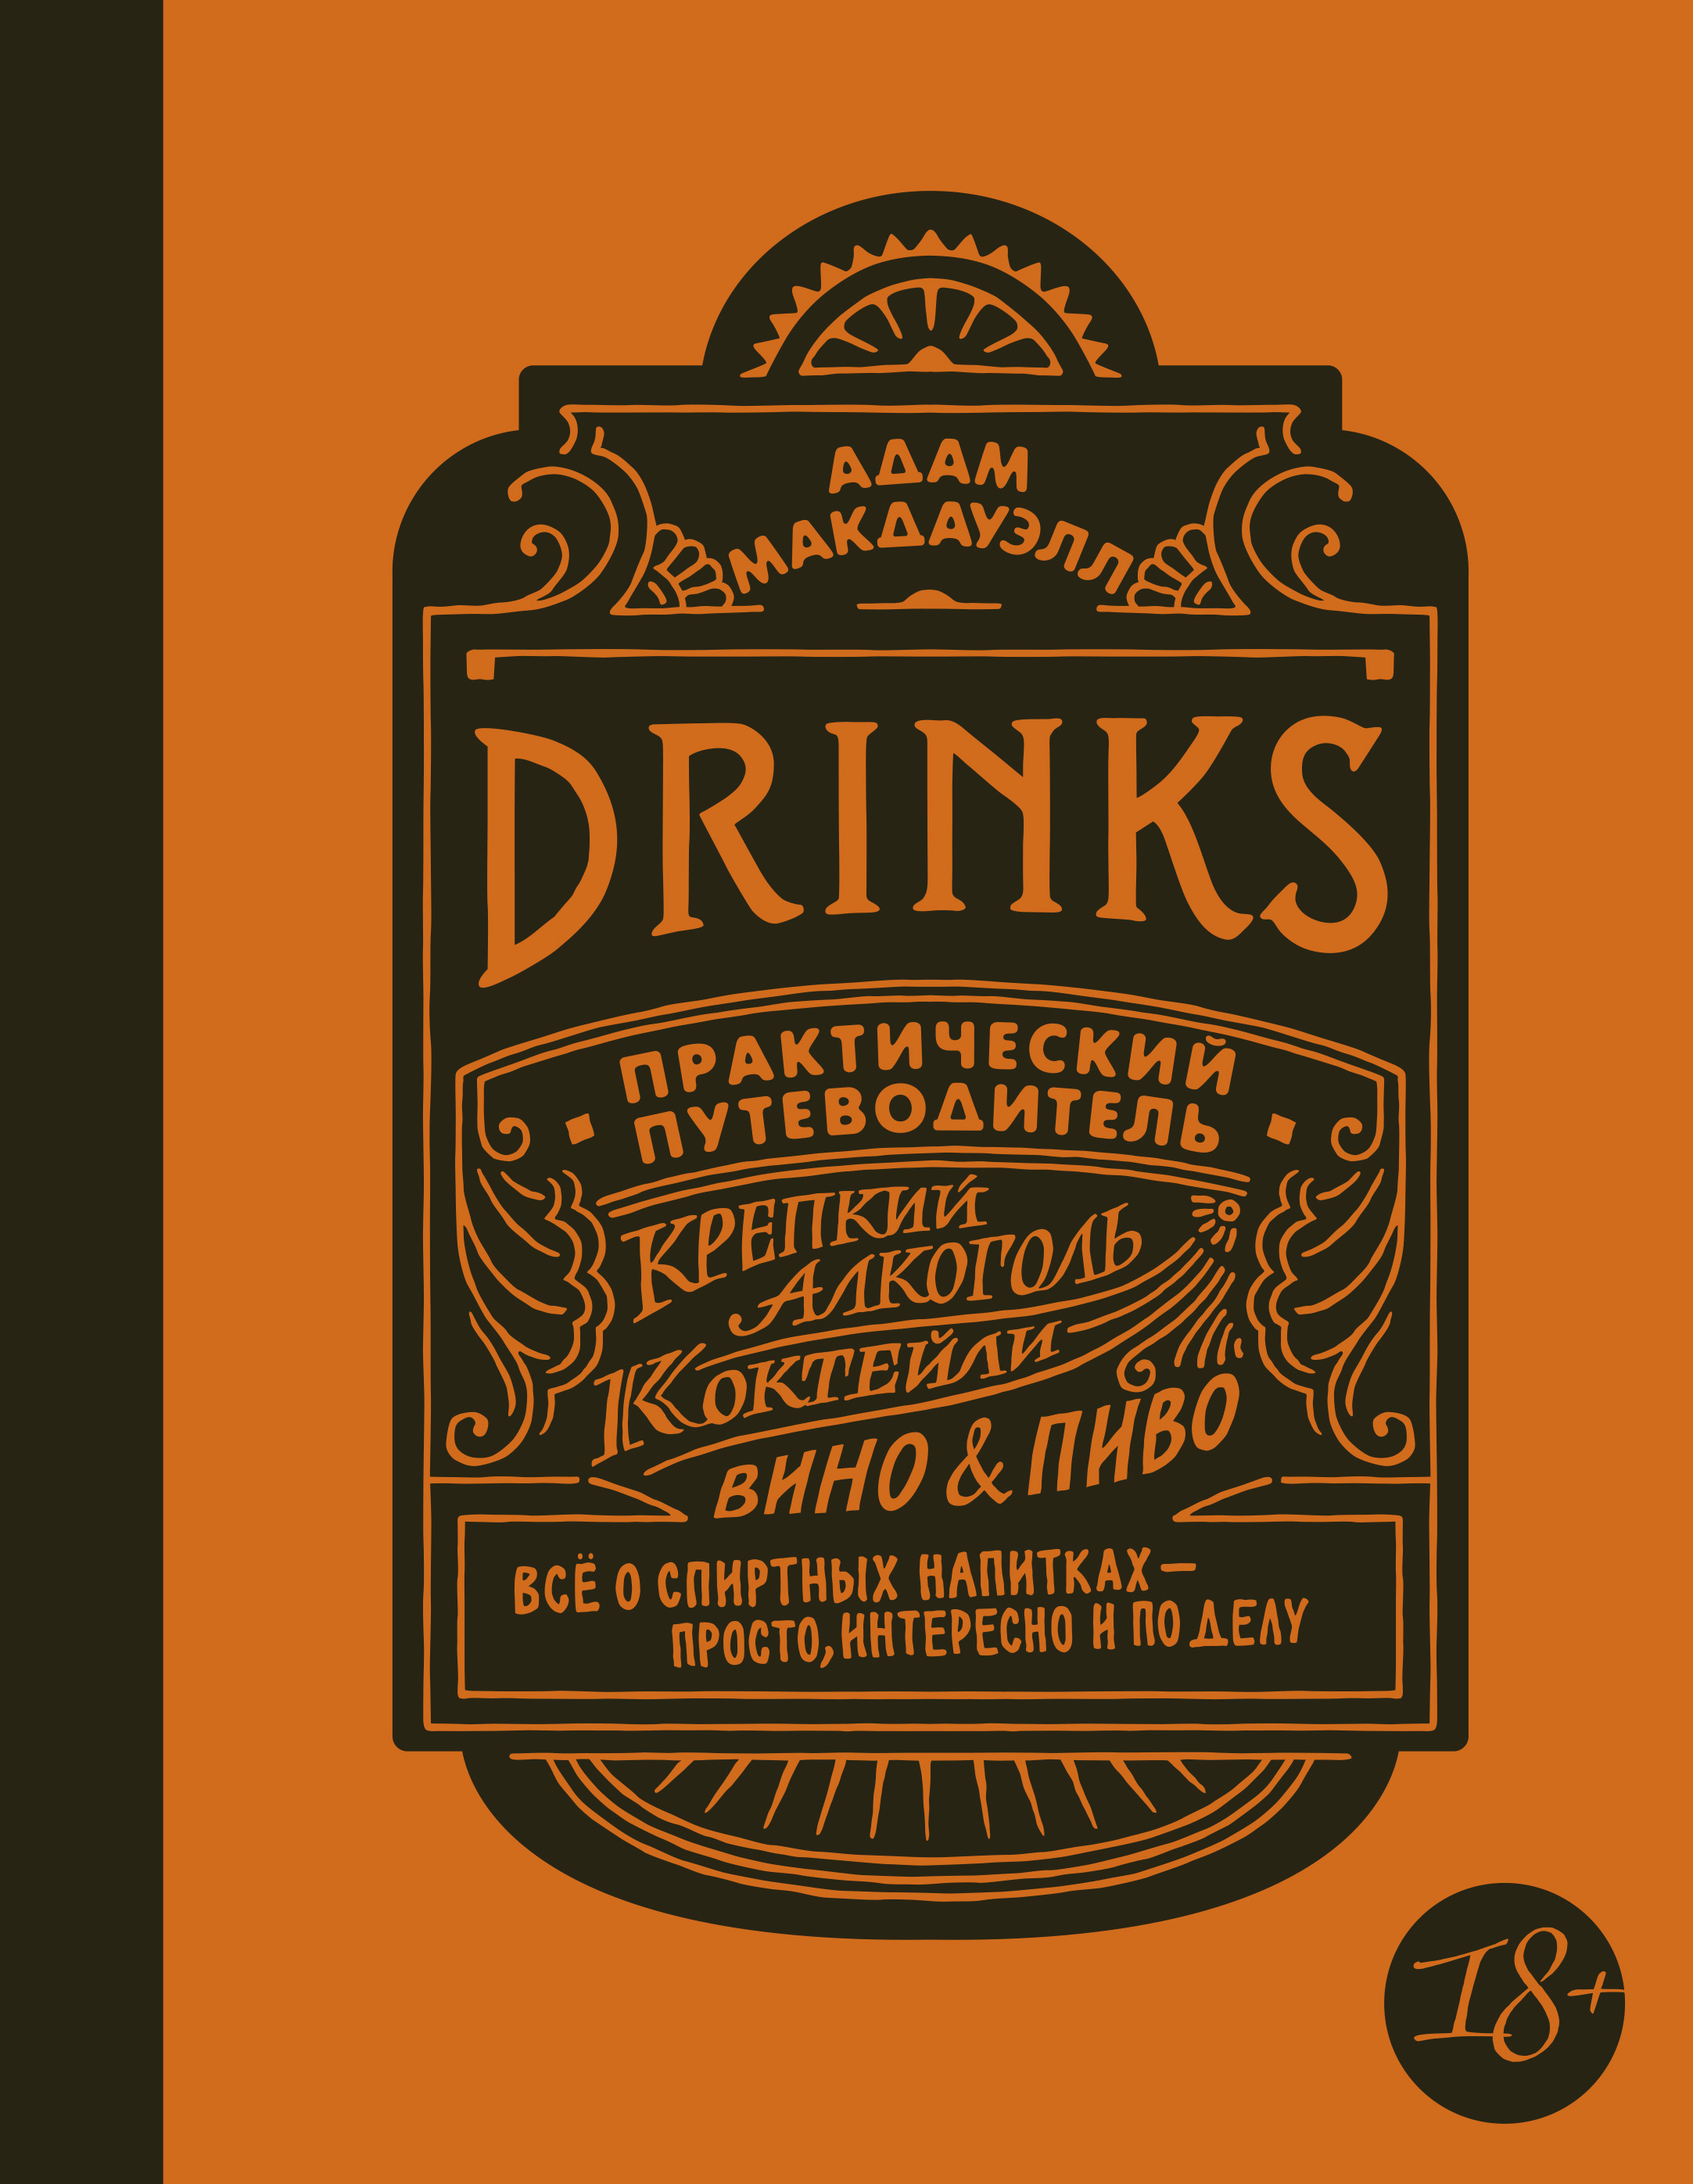 Адам Макдауэлл Drinks. Практический путеводитель. Крепкий алкоголь. Коктейли. Вино & пиво пакетт м вино практический путеводитель